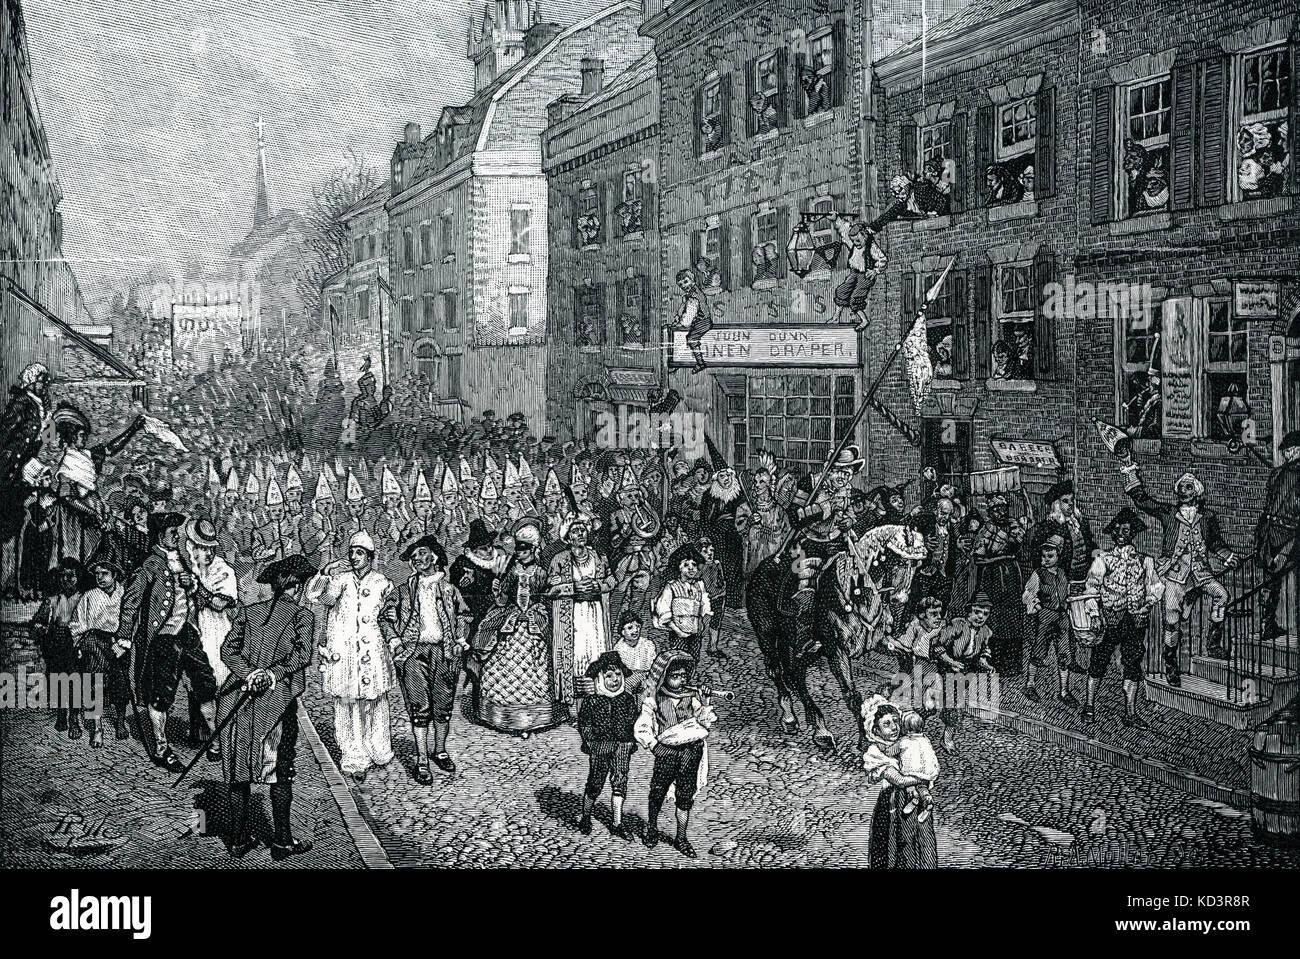 Carnevale di Lenten, Philadelphia, America coloniale, 1700. Illustrazione di Howard Pyle, 1901 Foto Stock